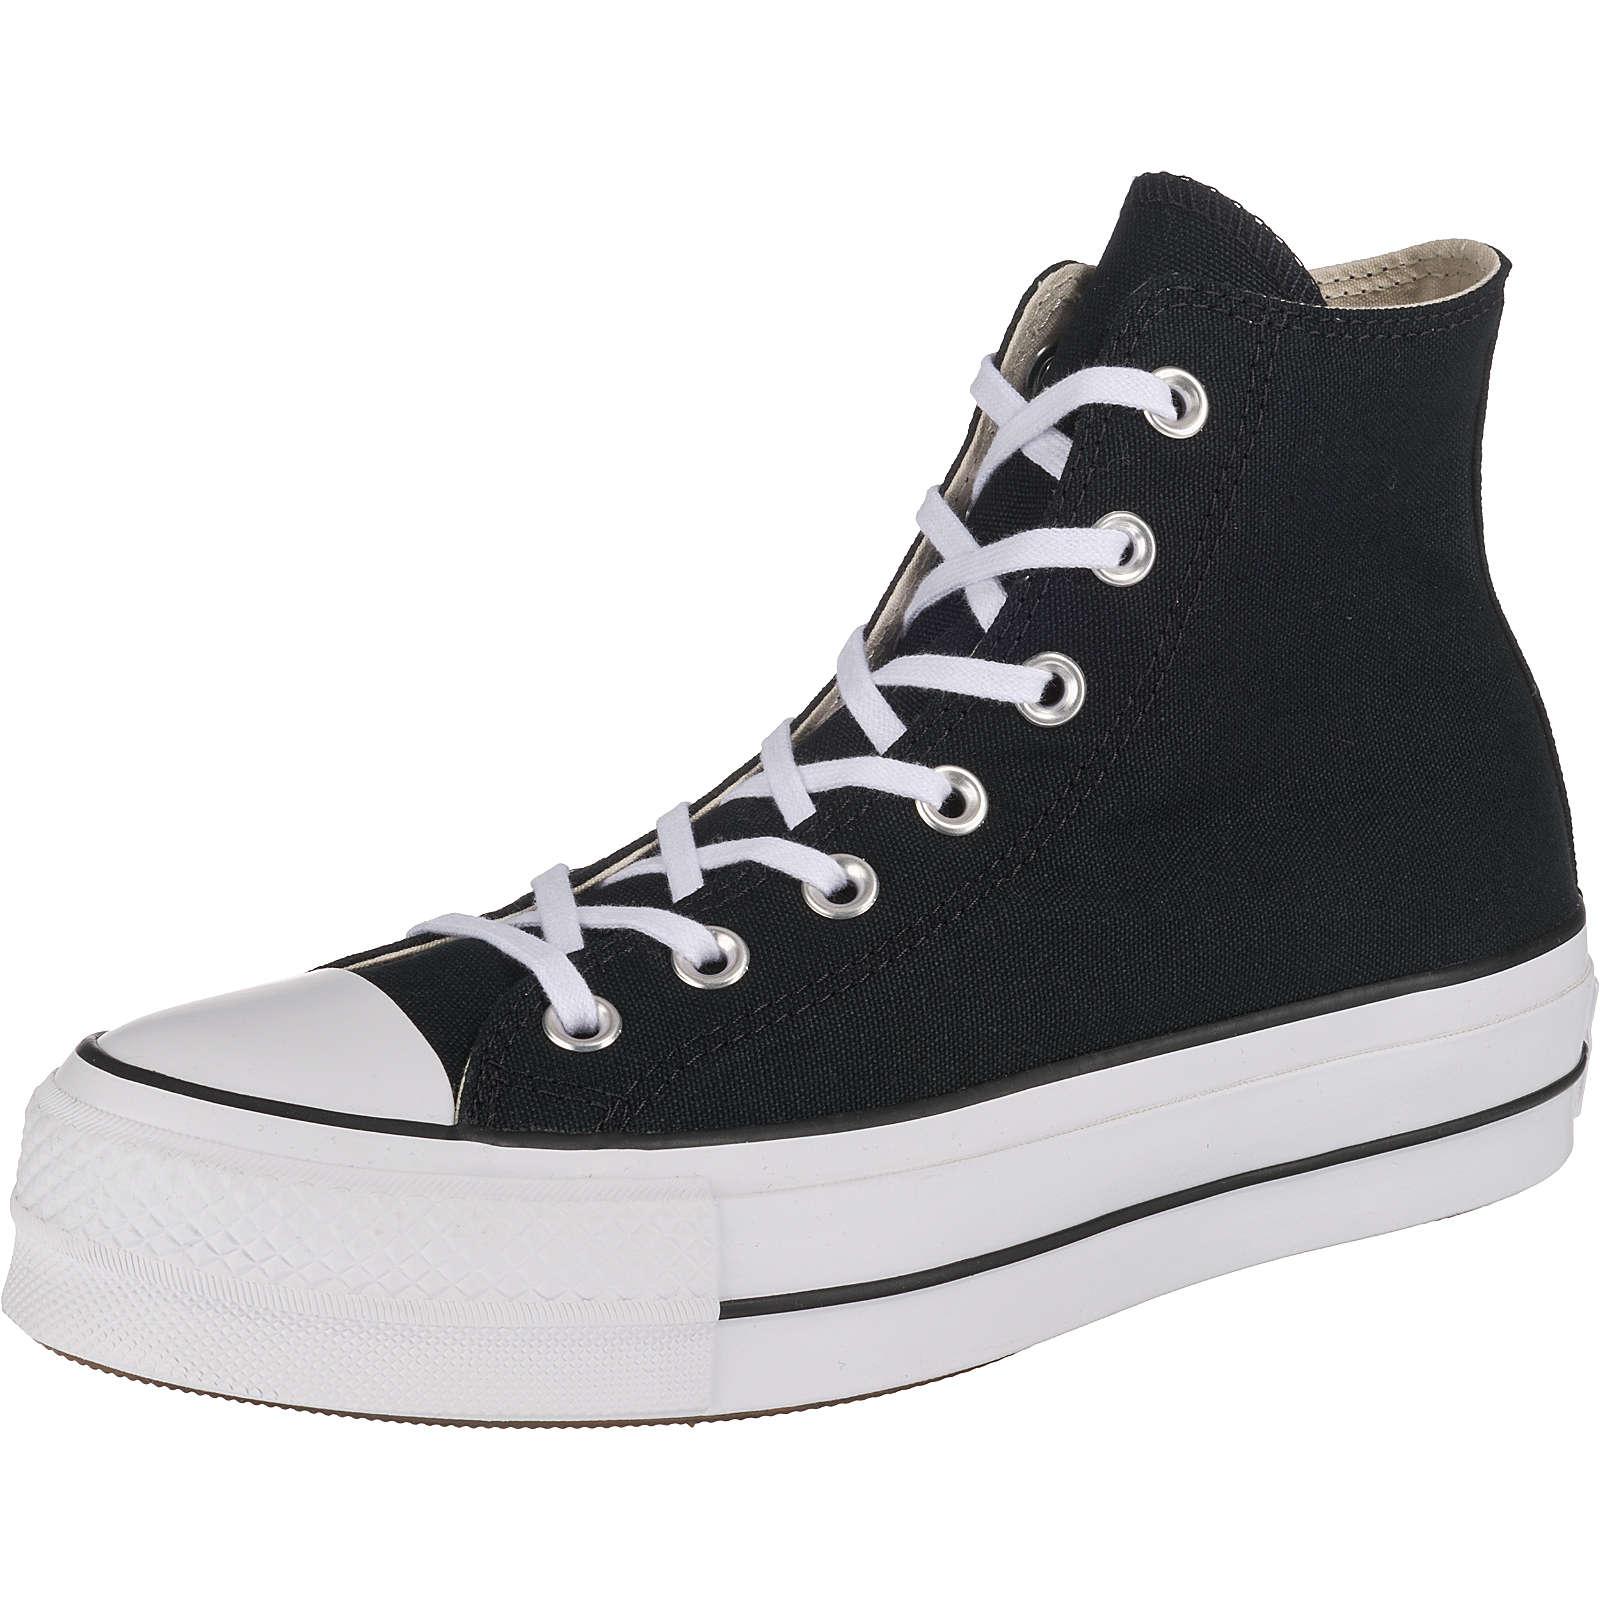 CONVERSE Chuck Taylor All Star Lift Sneakers High schwarz Damen Gr. 41,5